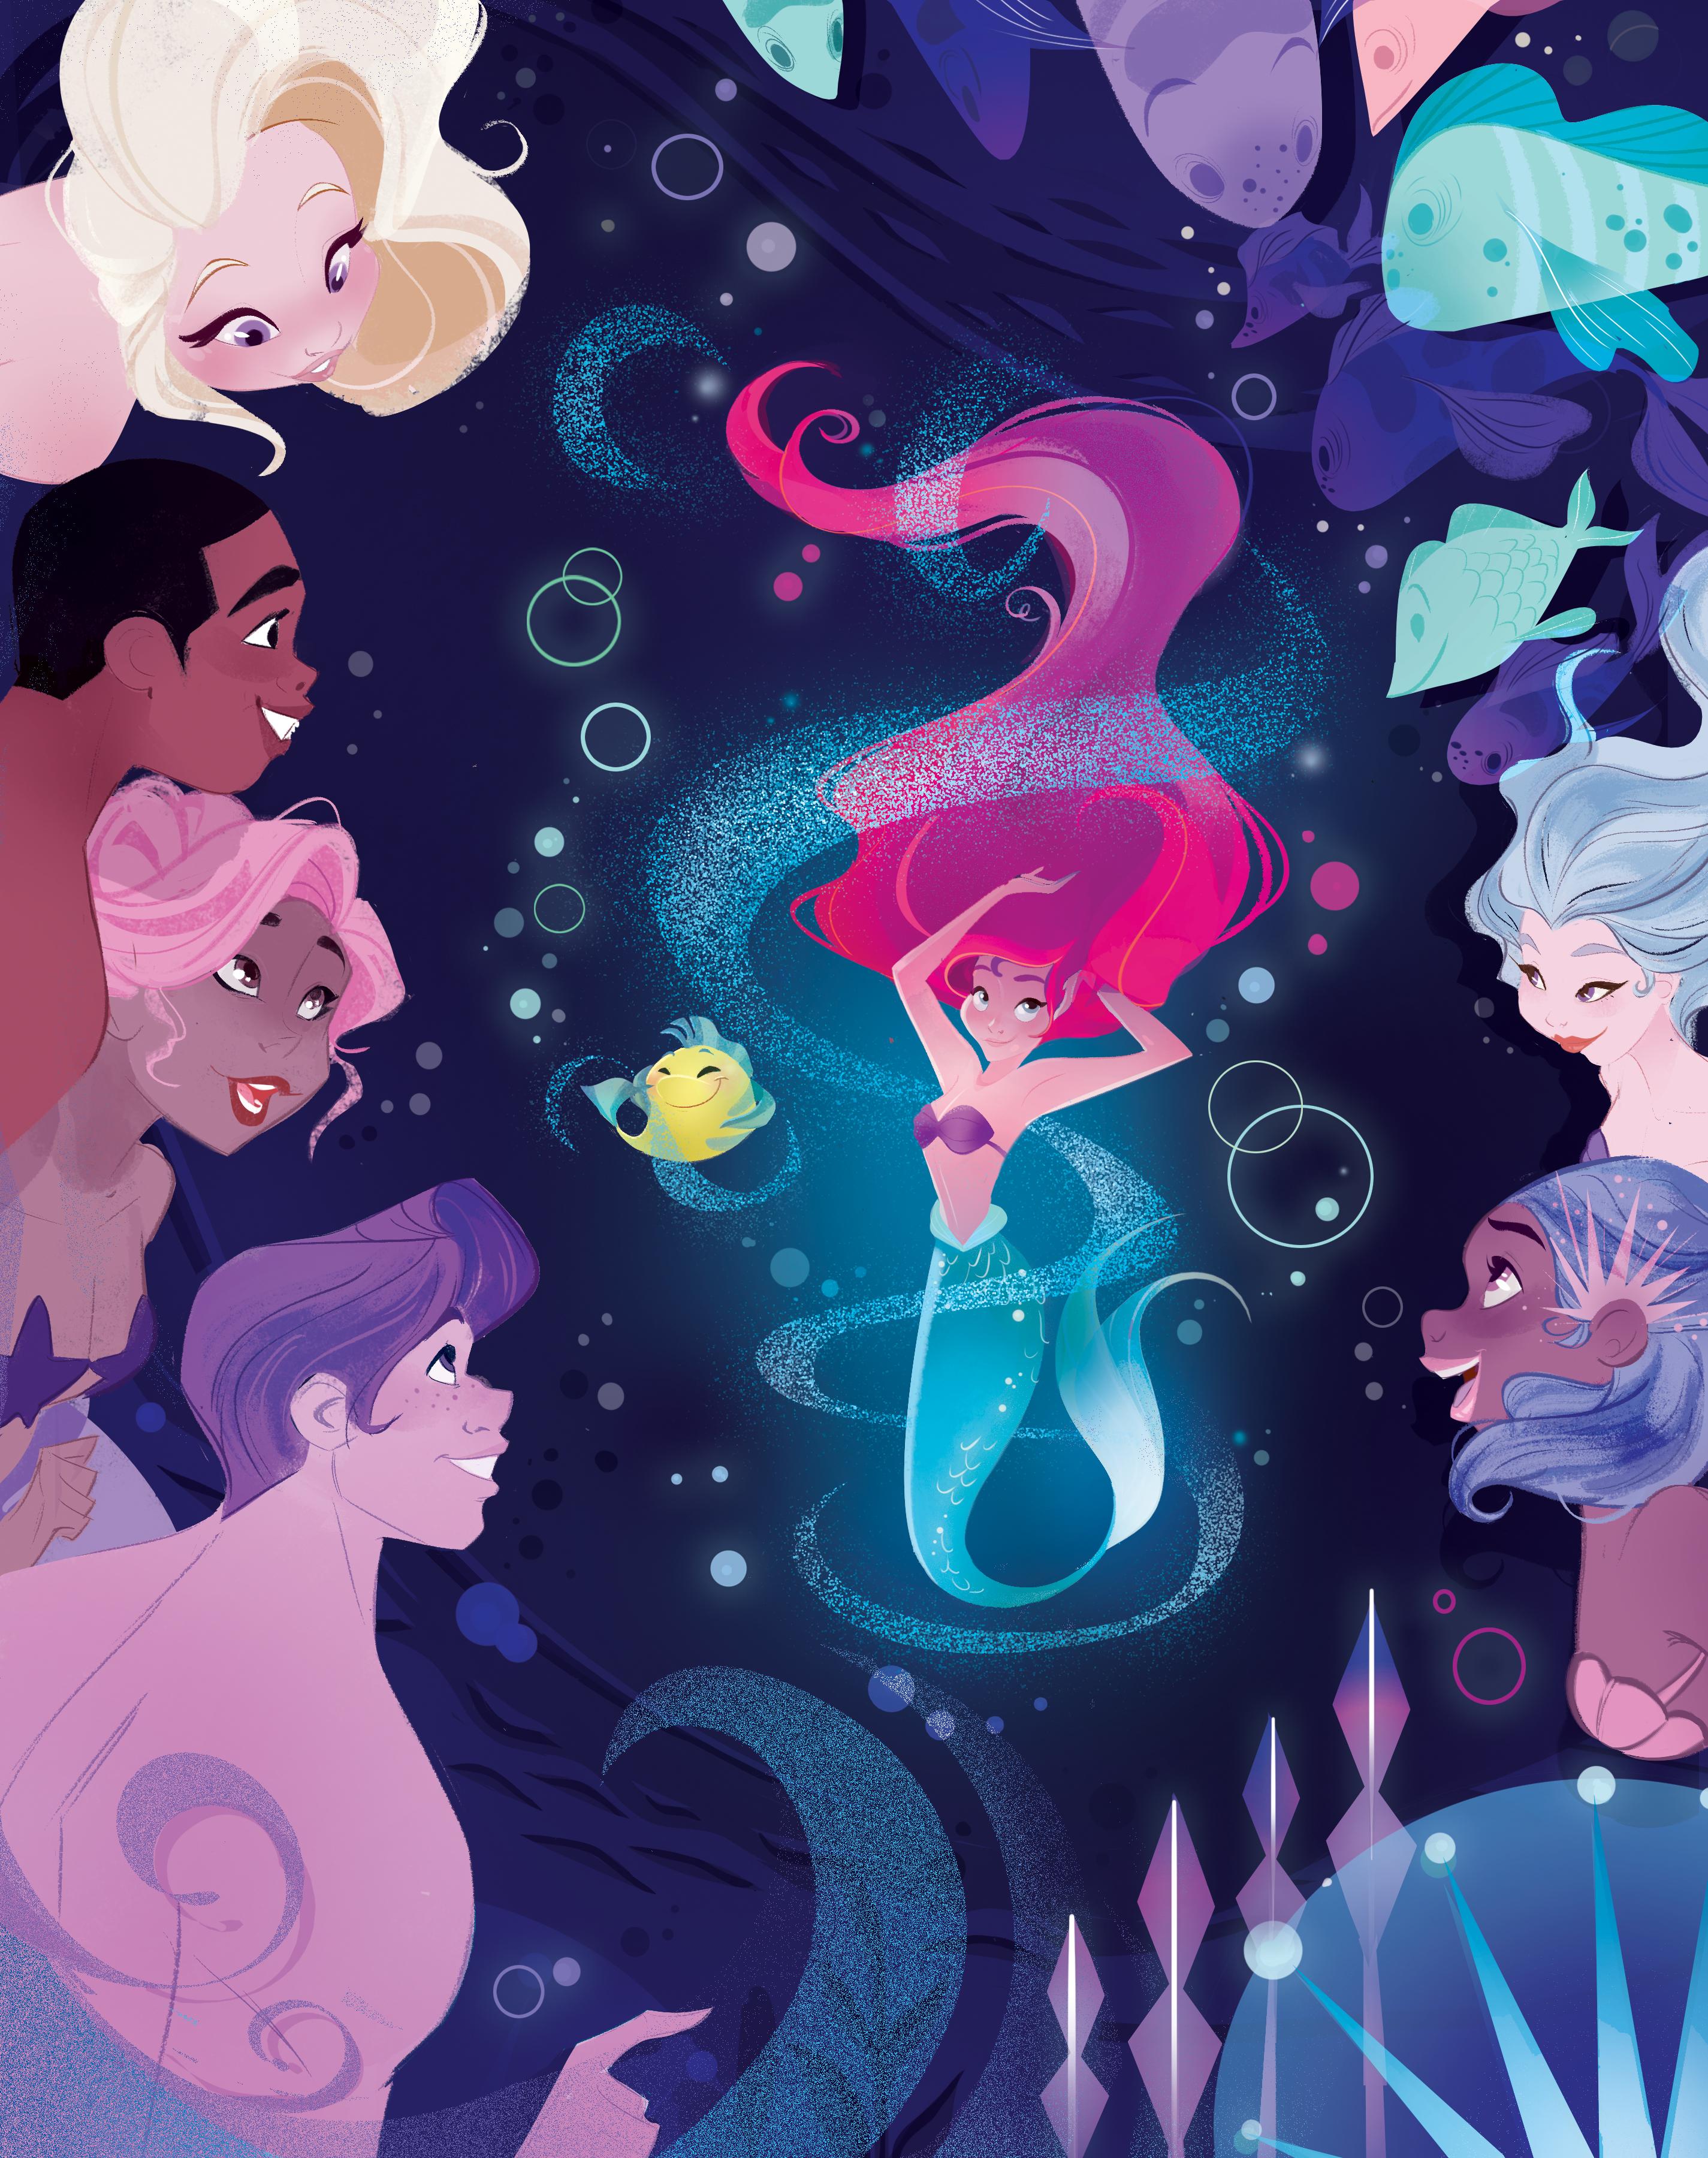 Ariel e il pesciolino Flounder danzano sotto lo sguardo estasiato di pesci, sirene e sireni.